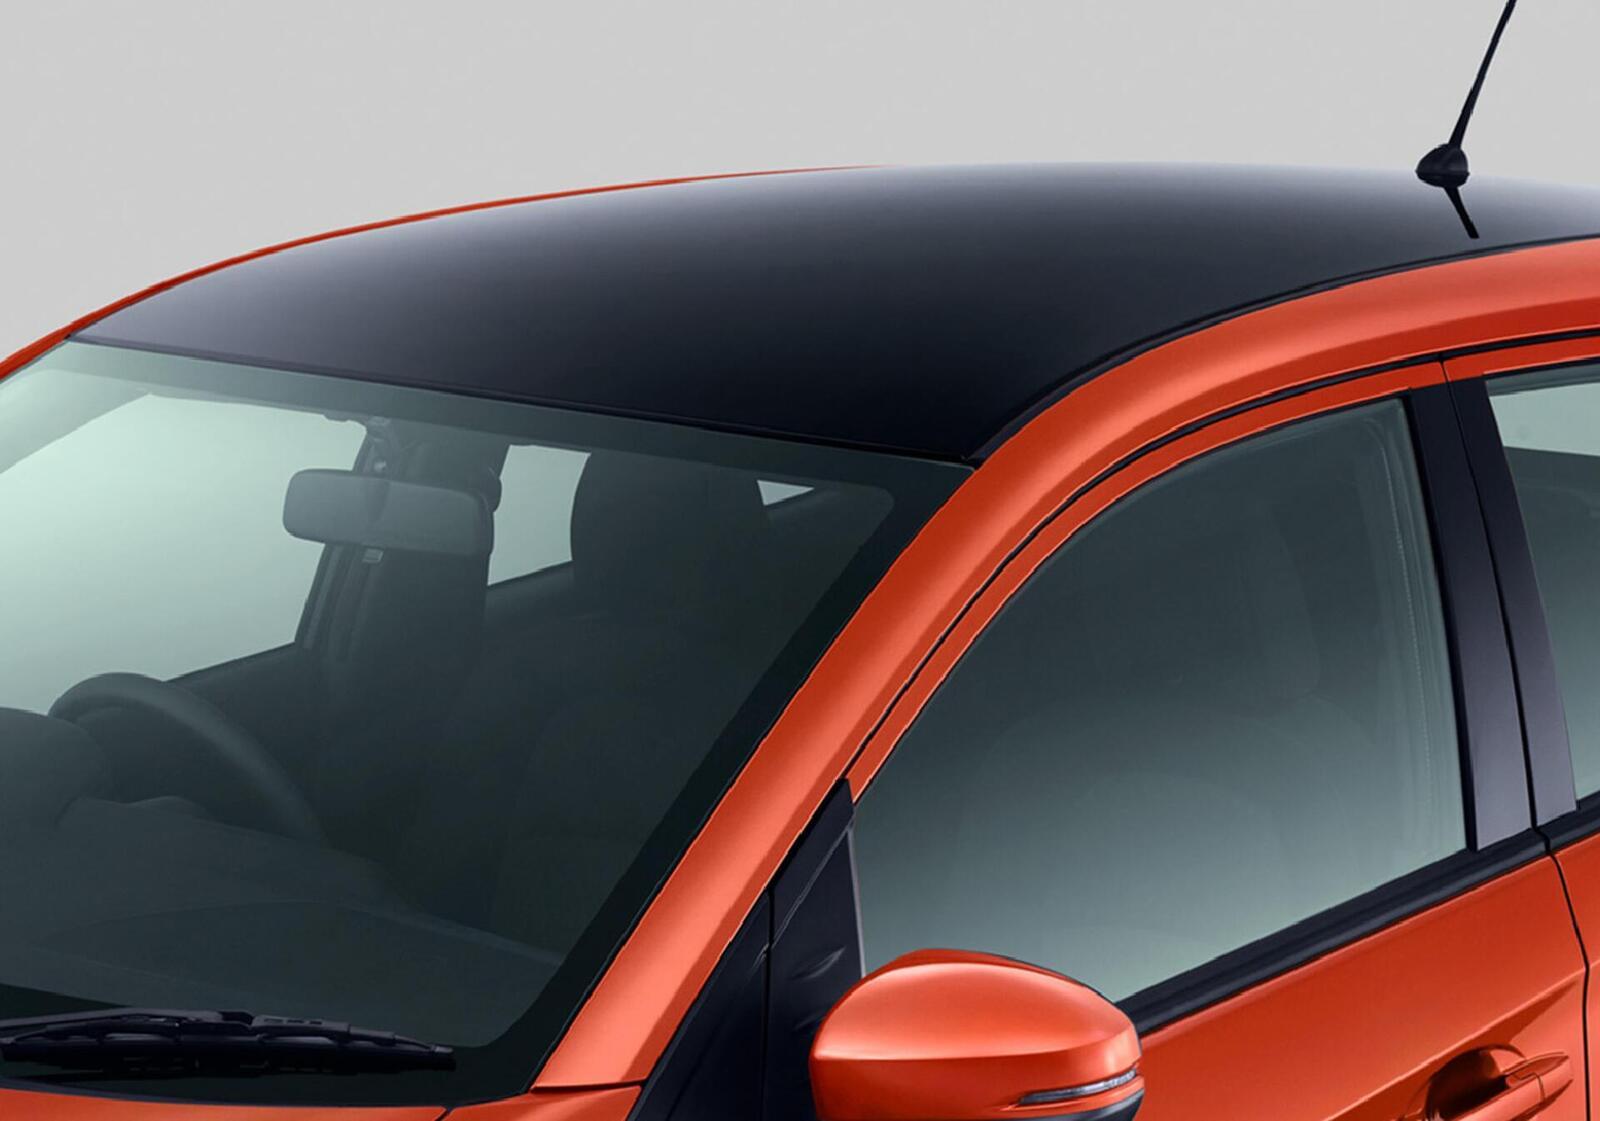 Dự đoán 3 phiên bản Honda Brio sắp ra mắt vào ngày 18.06 sắp tới - Hình 18